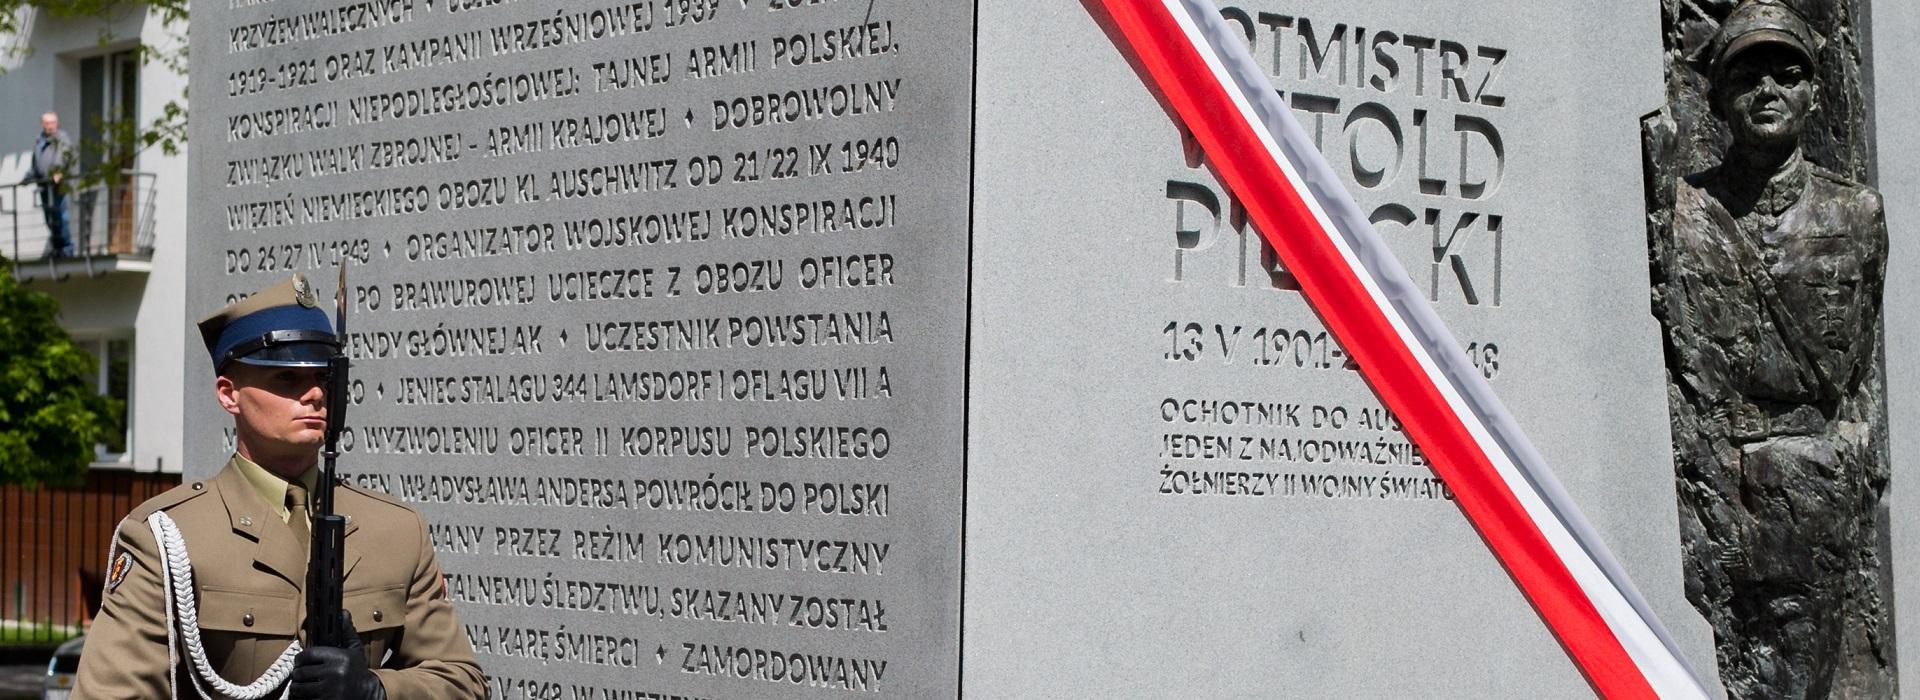 W Warszawie uczczono rotmistrza Pileckiego